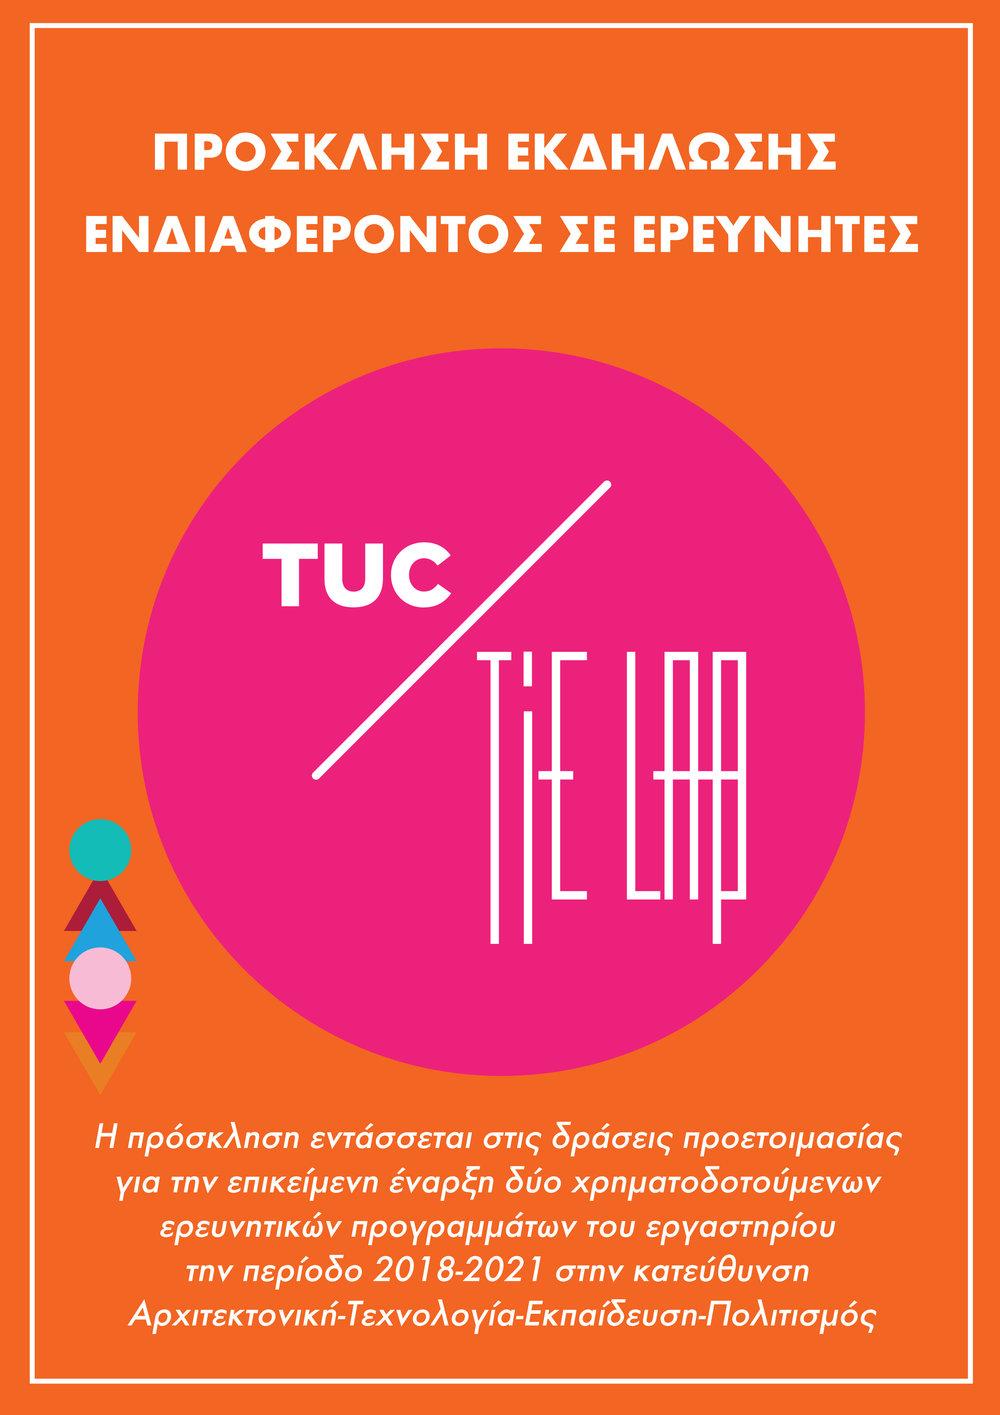 TUC TIE Lab Call-2018-2021-09.jpg